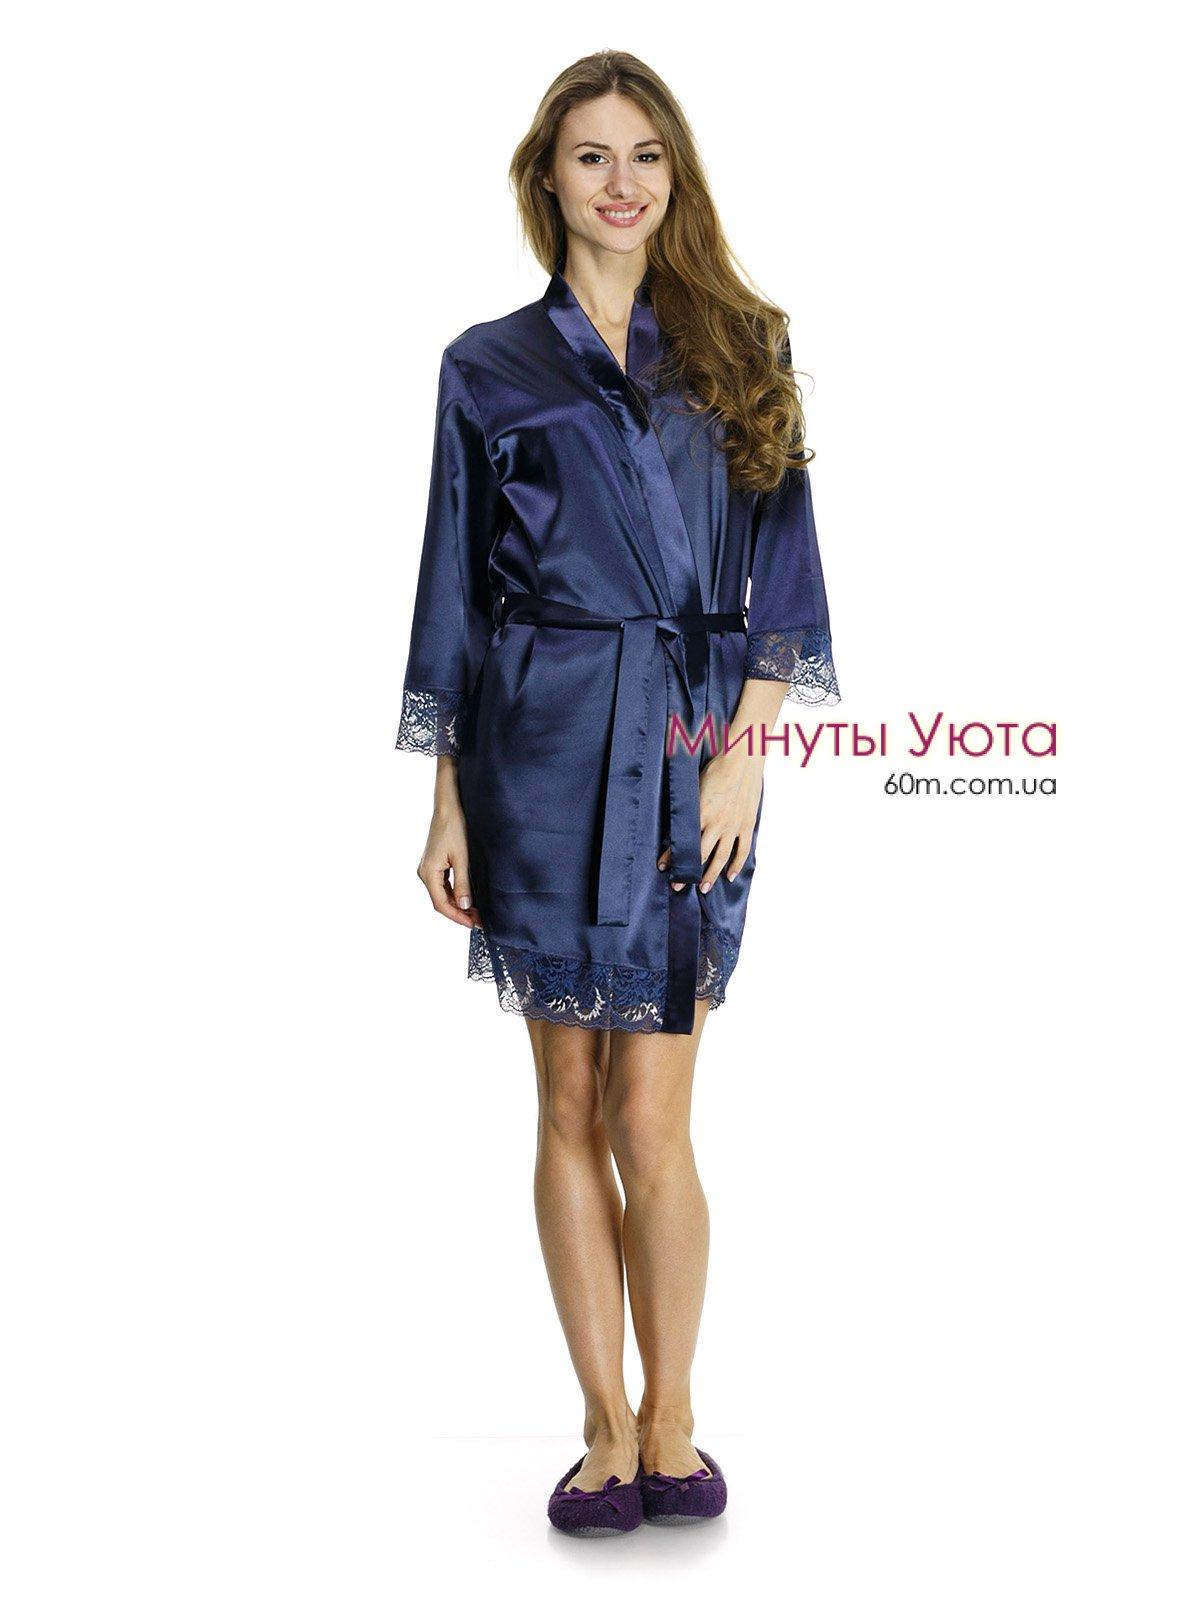 Жіночі літні халати купити. Пляжні халати для жінок Україна 17cd6c49159f6